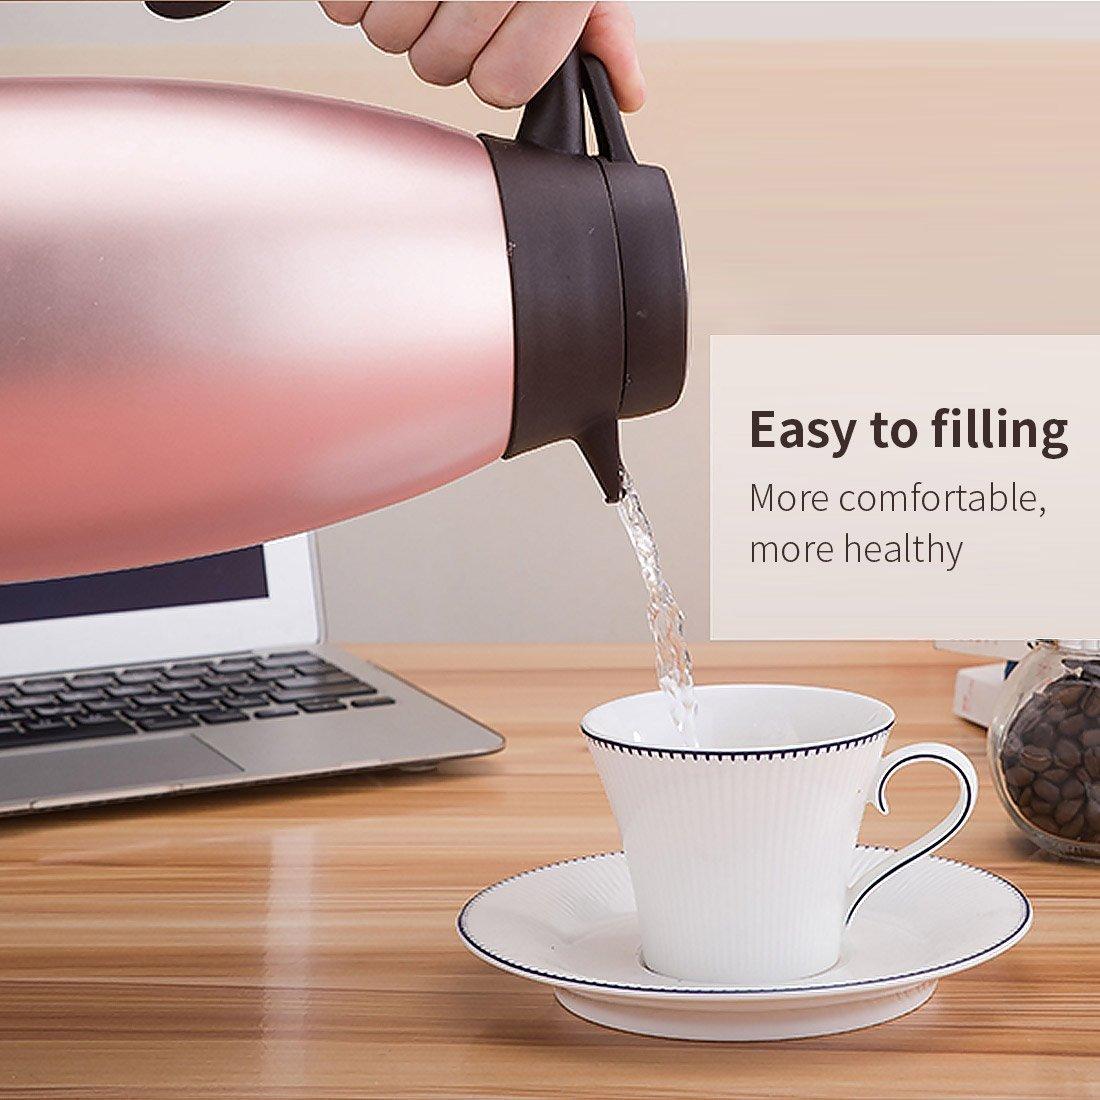 Kaffeekannen Edelstah doppelwandig vakuumisoliert Tee Isolierkanne Karaffe -2litre